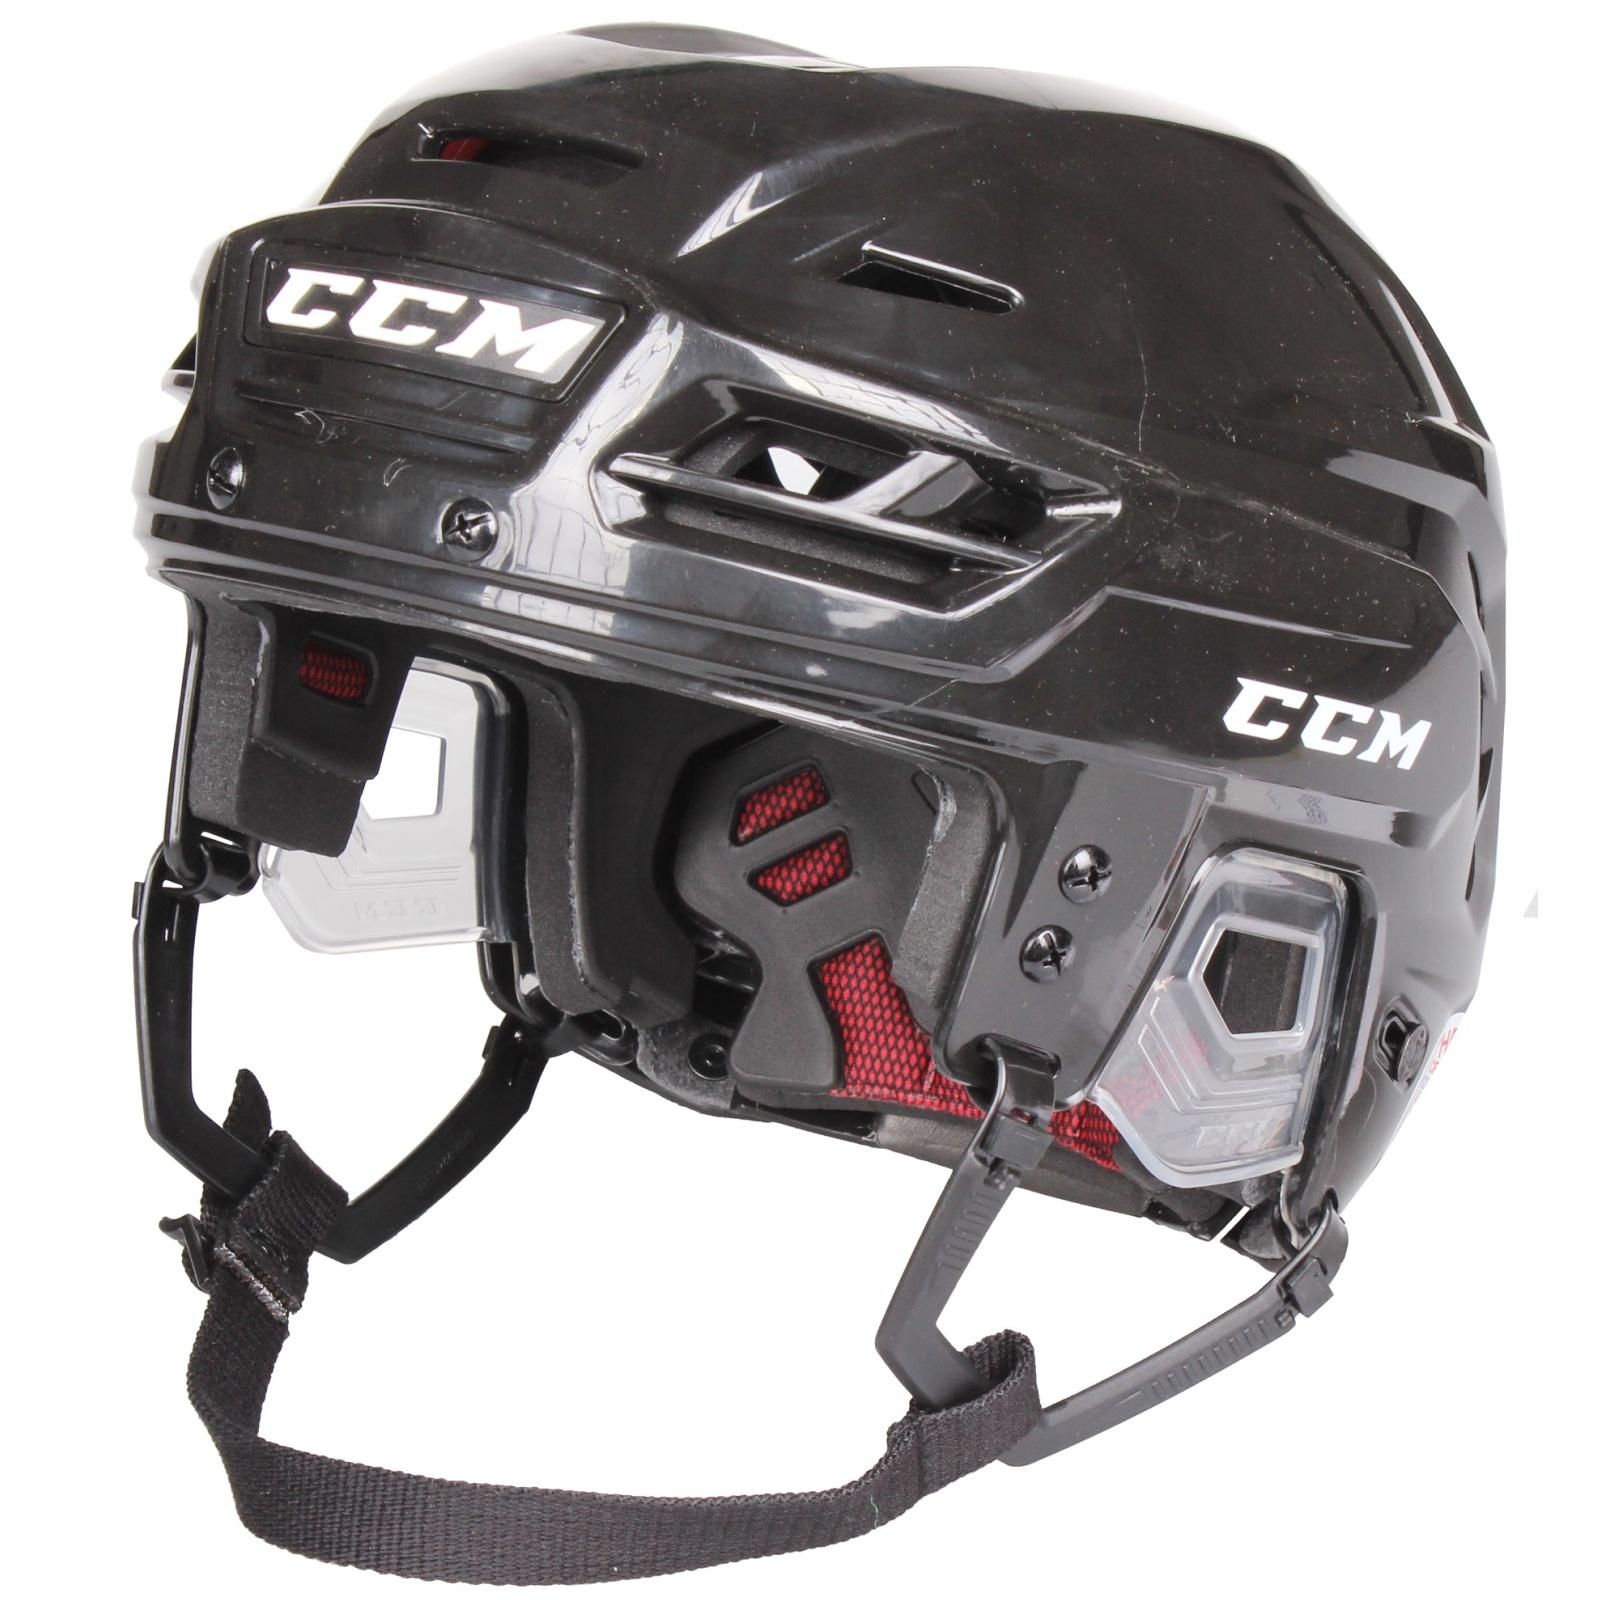 Hokejová helma CCM Resistance 300 černá - vel. S